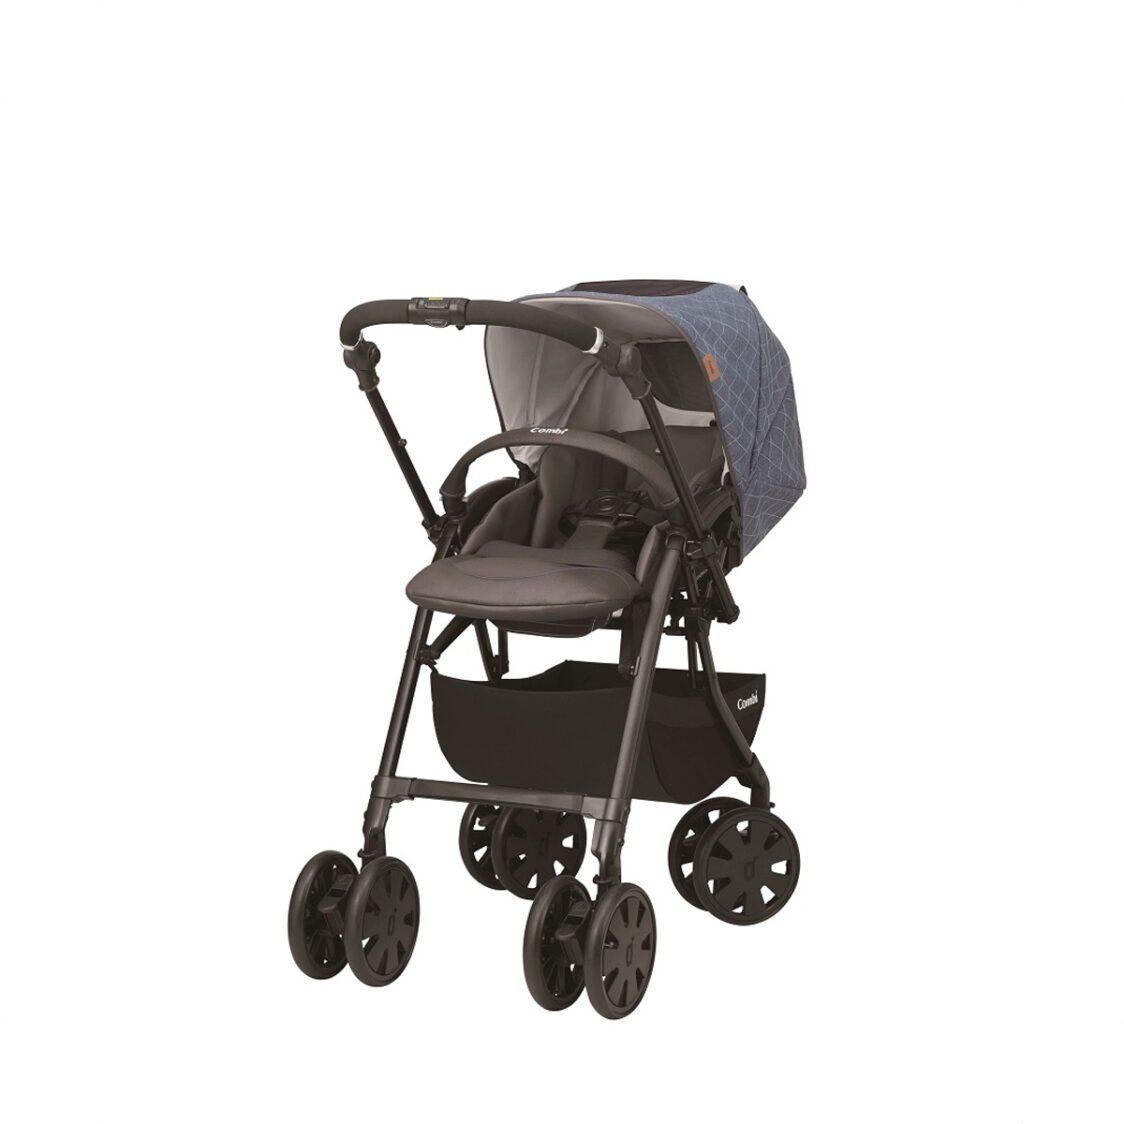 Combi Crossgo Ceiestial Blue Stroller 136 Months 67KG Auto 4 Swivel wheels